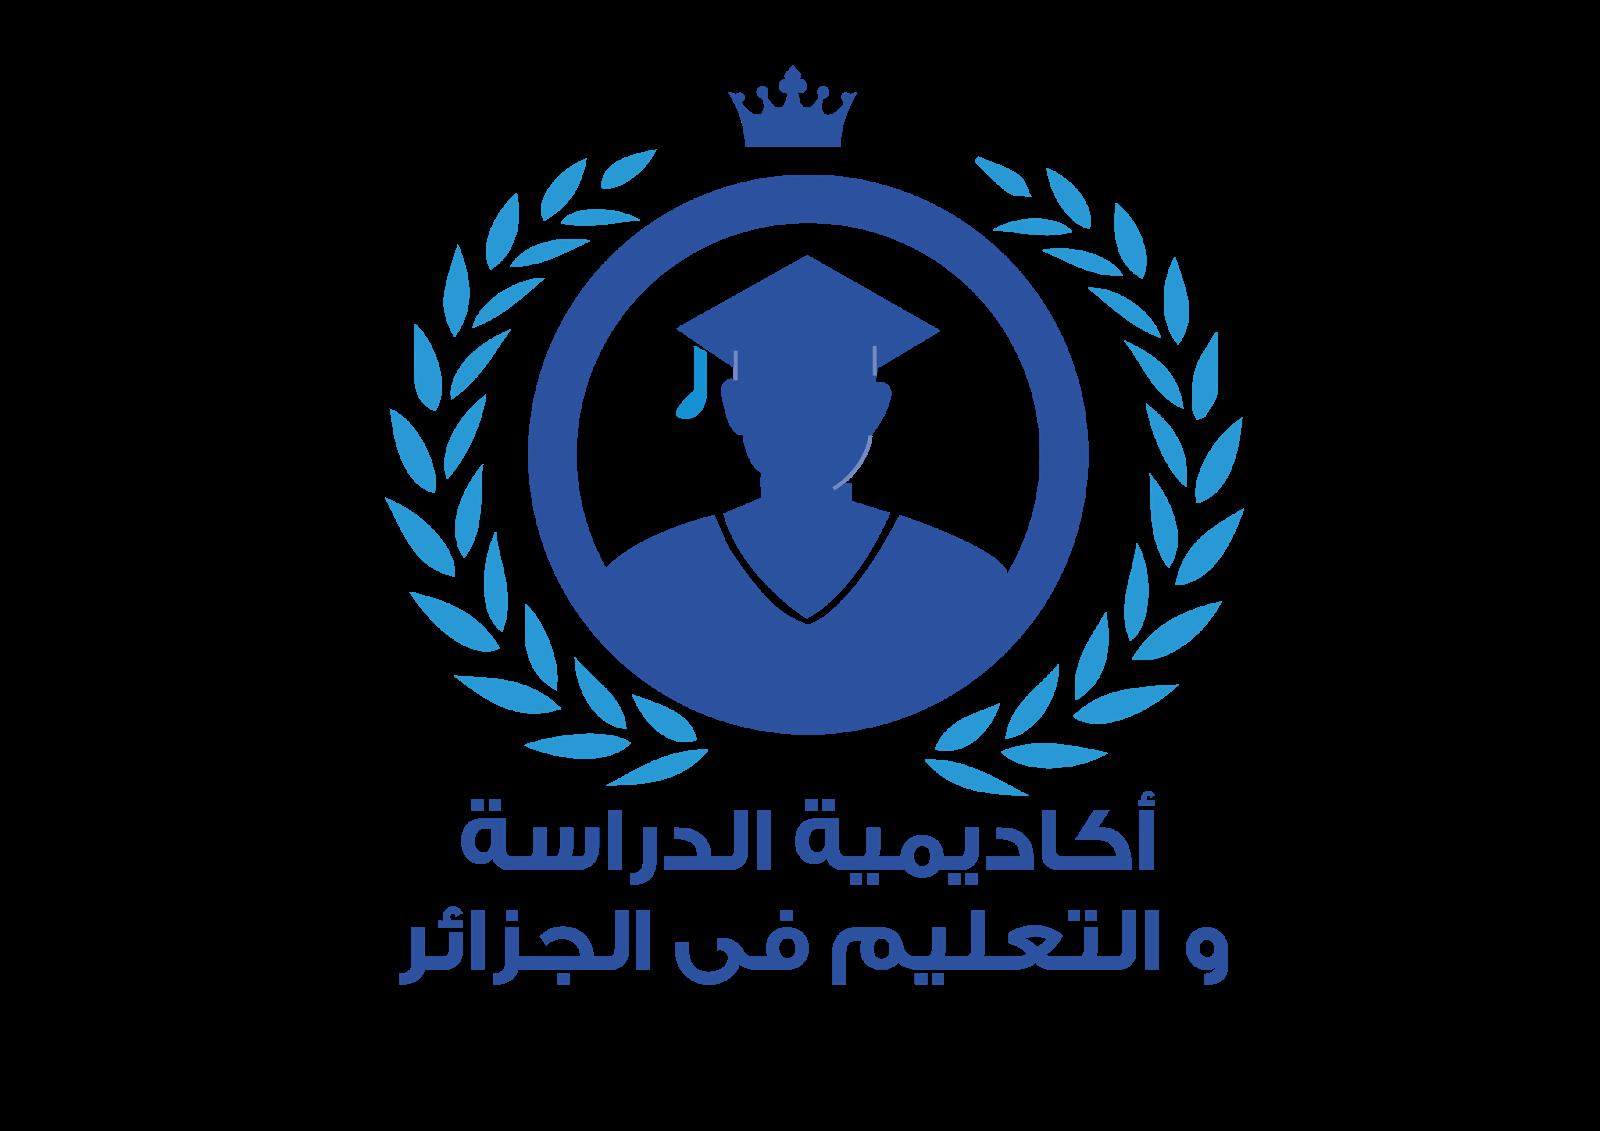 الموقع الأول للدراسة والتعليم في الجزائر Logo%2Bcopy